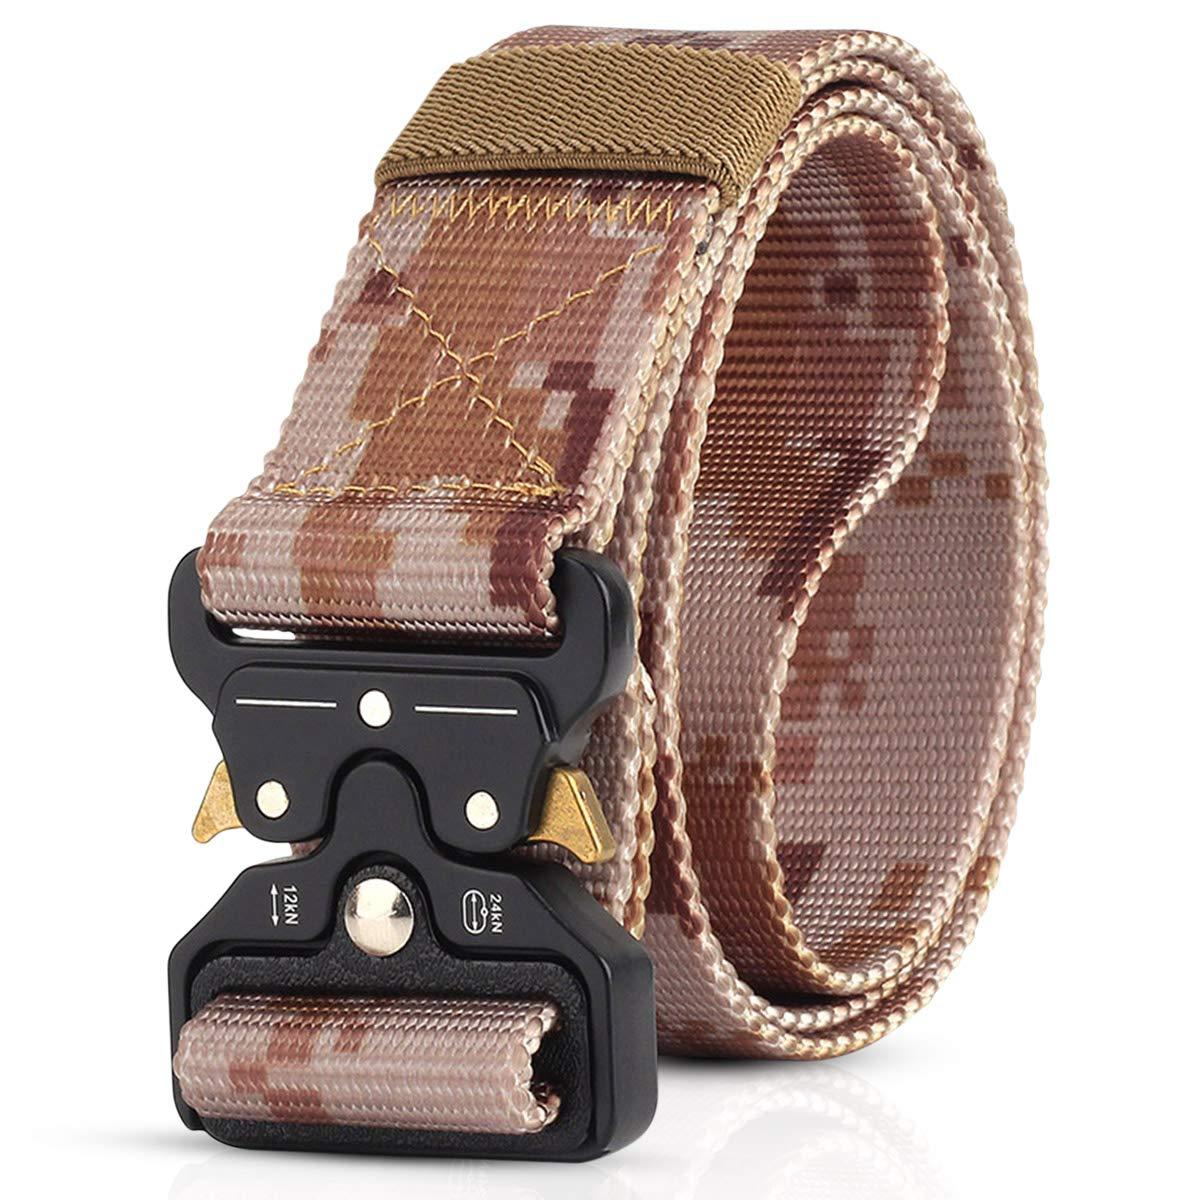 DORRISO Hombre Cinturón Táctico Militar Men Tactical Cinturón Liberación Rápida Cinturón de cintura, Cinturón de nylon